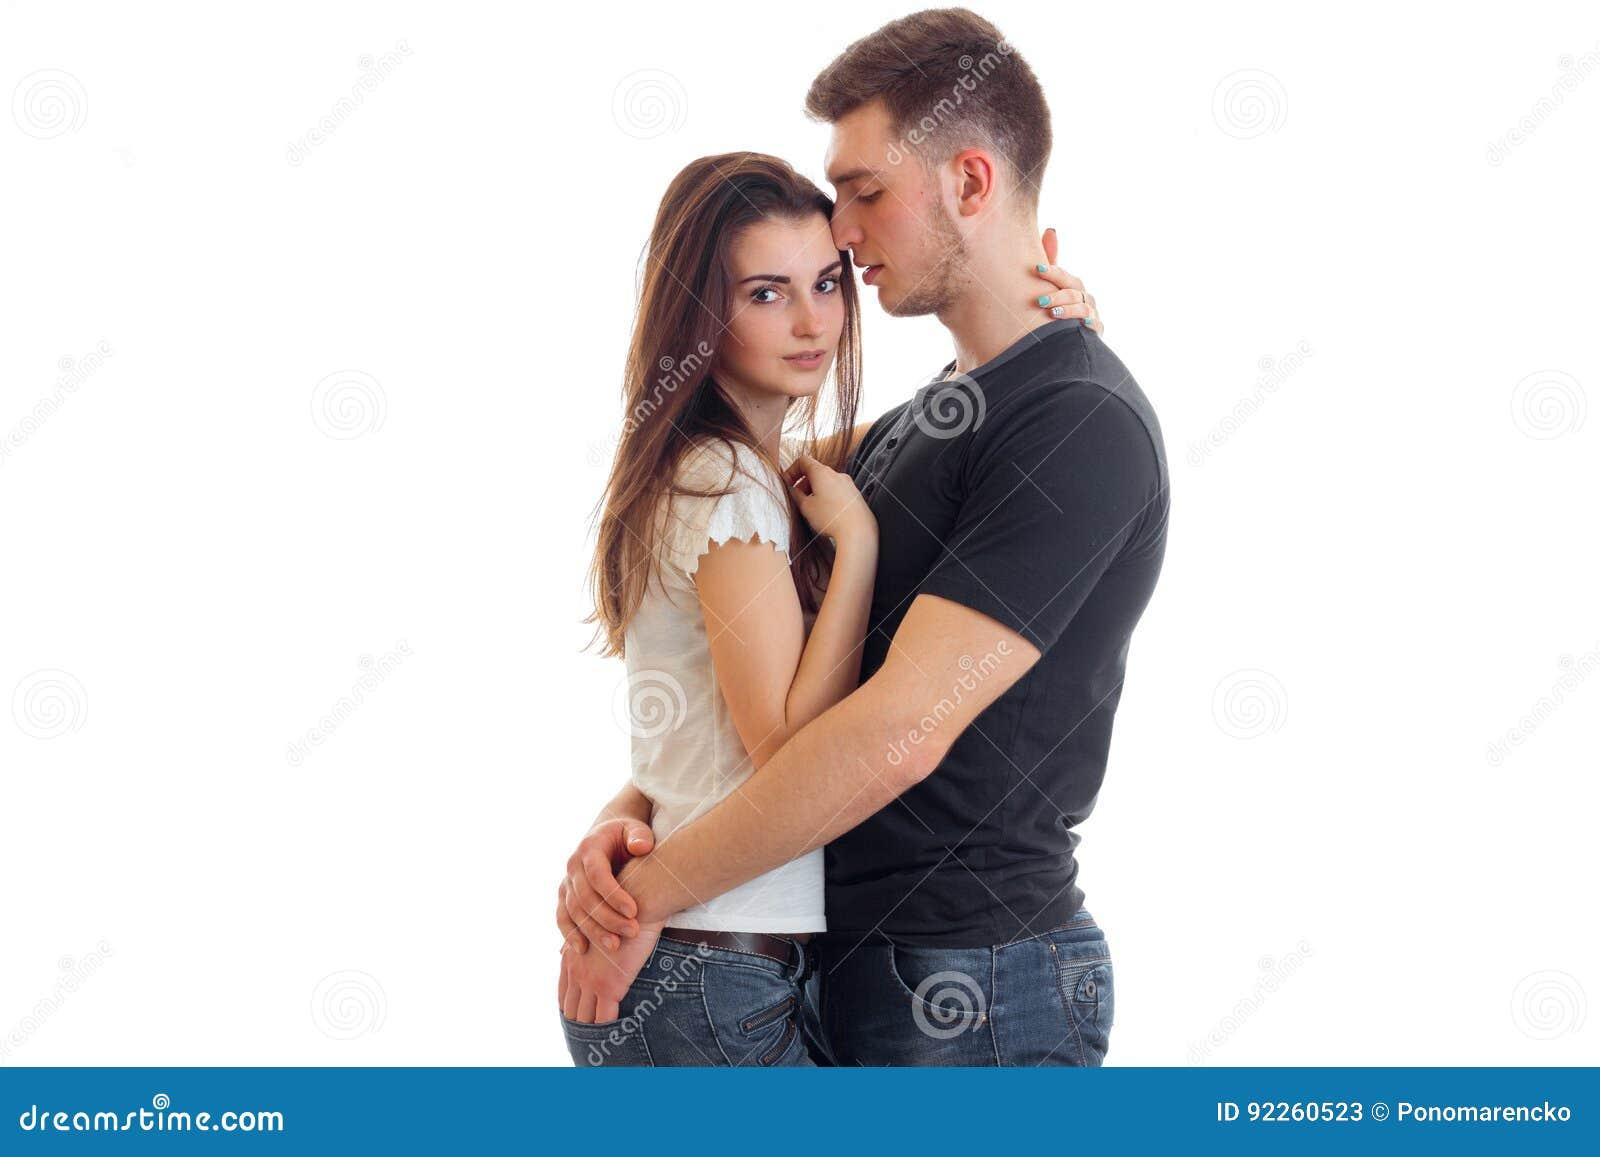 lesbijki kurwa zdjęcia porno